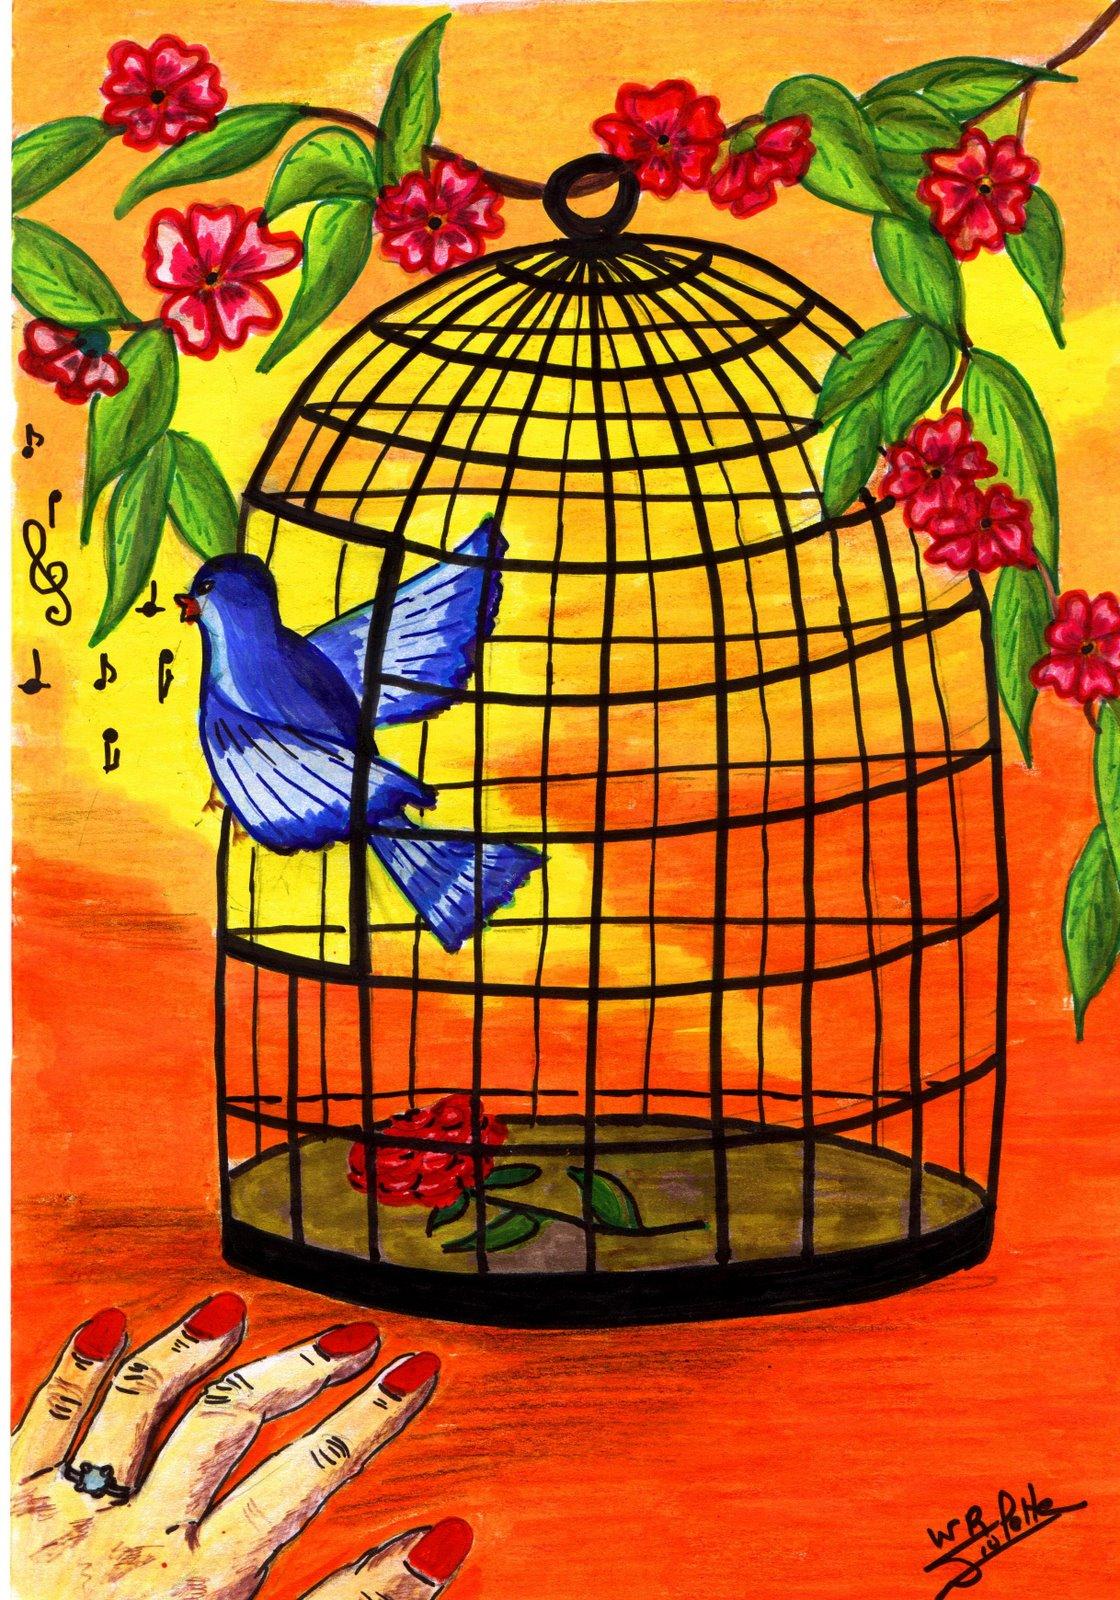 Le tunnel aux allumettes l 39 oiseau bleu vwr - Dessin oiseau en cage ...